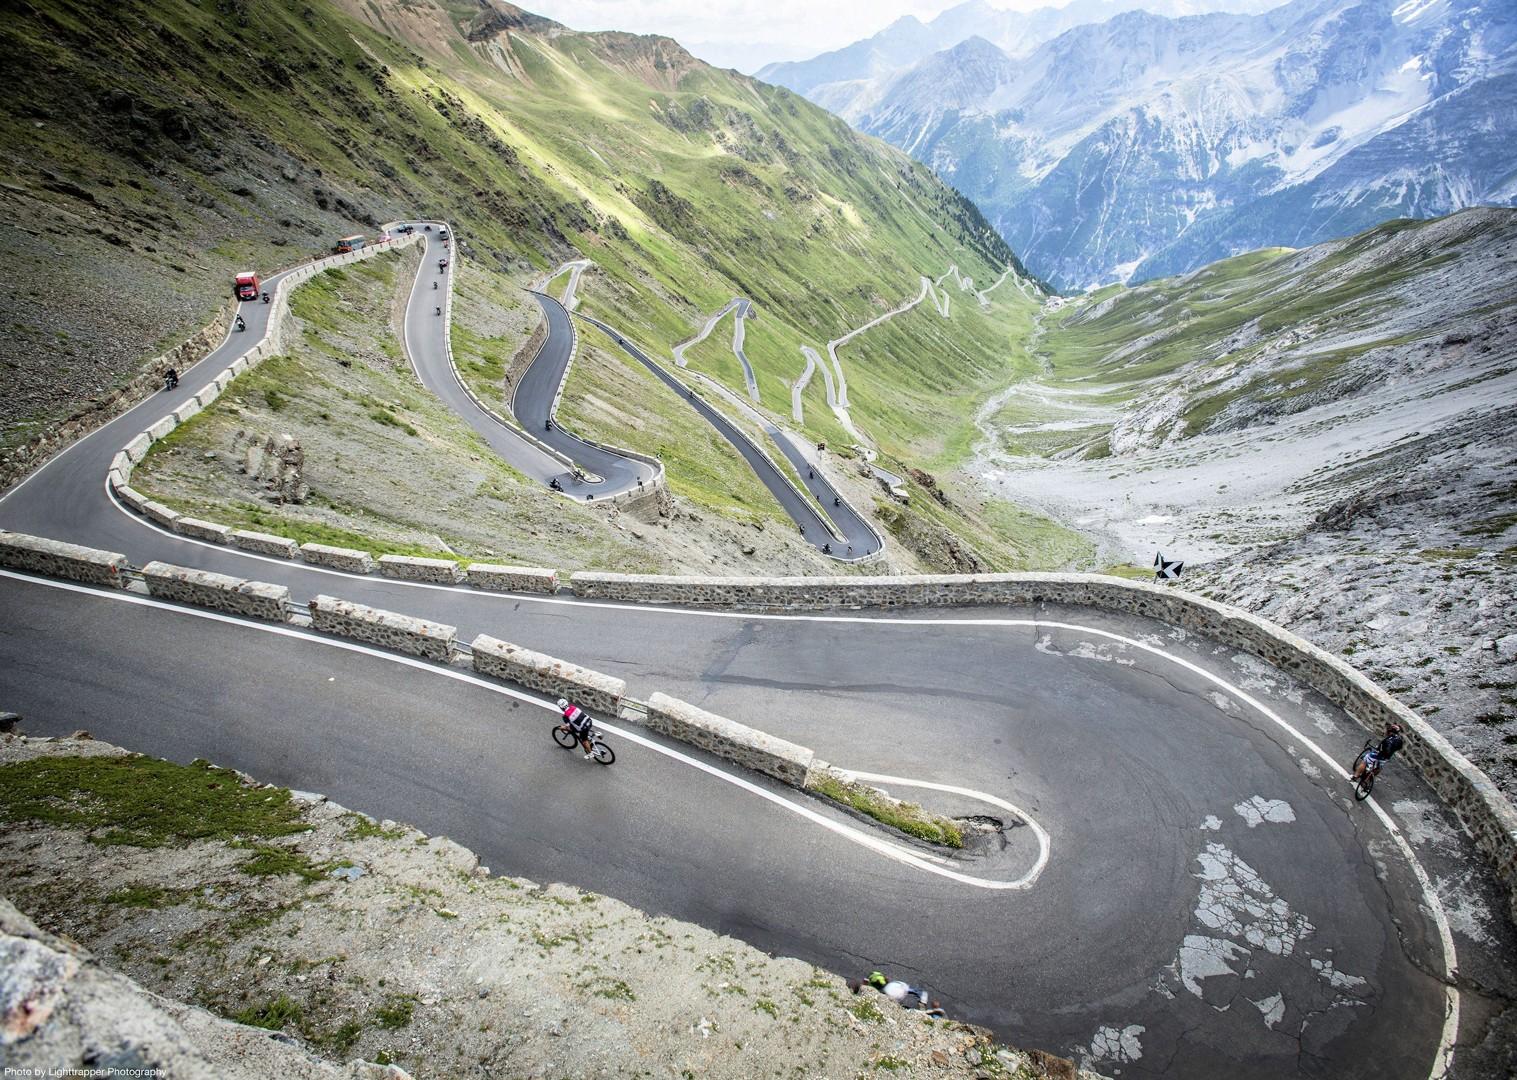 stelvio-guided-road-cycling-holiday.jpg - Italy - Italian Alps Introduction - Guided Road Cycling Holiday - Road Cycling